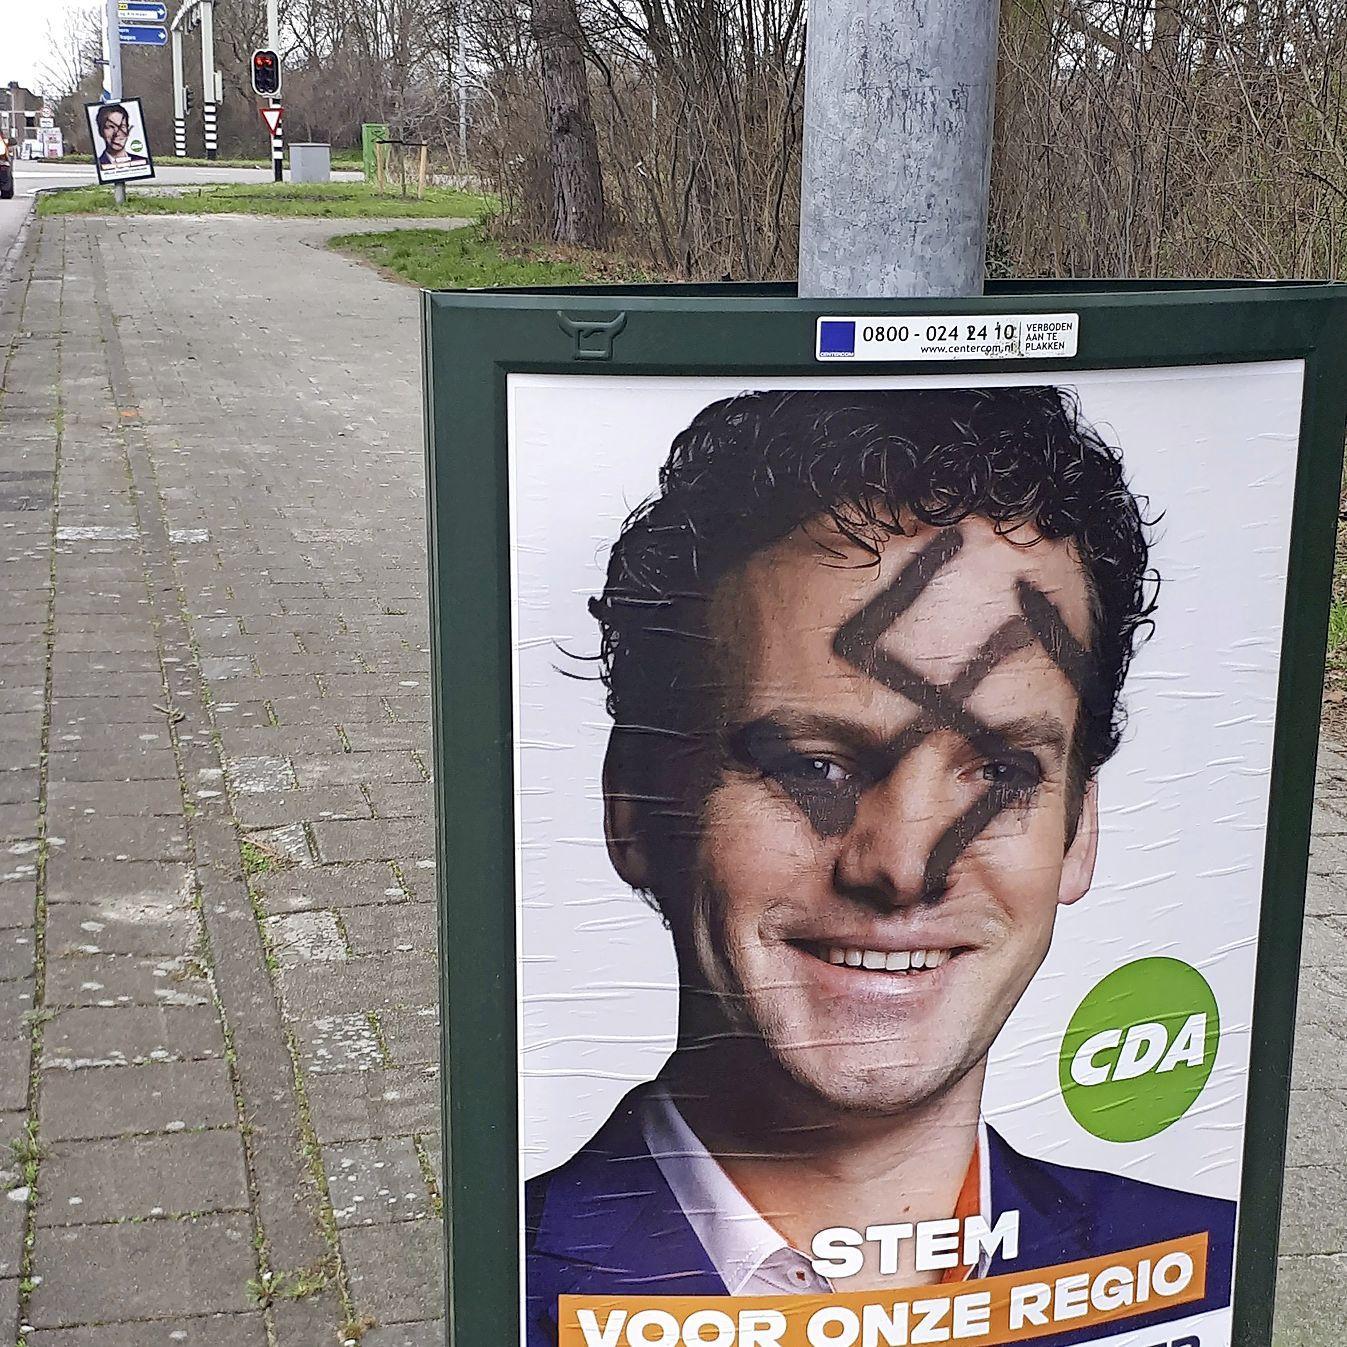 Hakenkruizen over verkiezingsborden Jelle Beemsterboer (CDA) in Alkmaar-Noord. 'Heel kinderachtig. Geen aandacht aan geven'